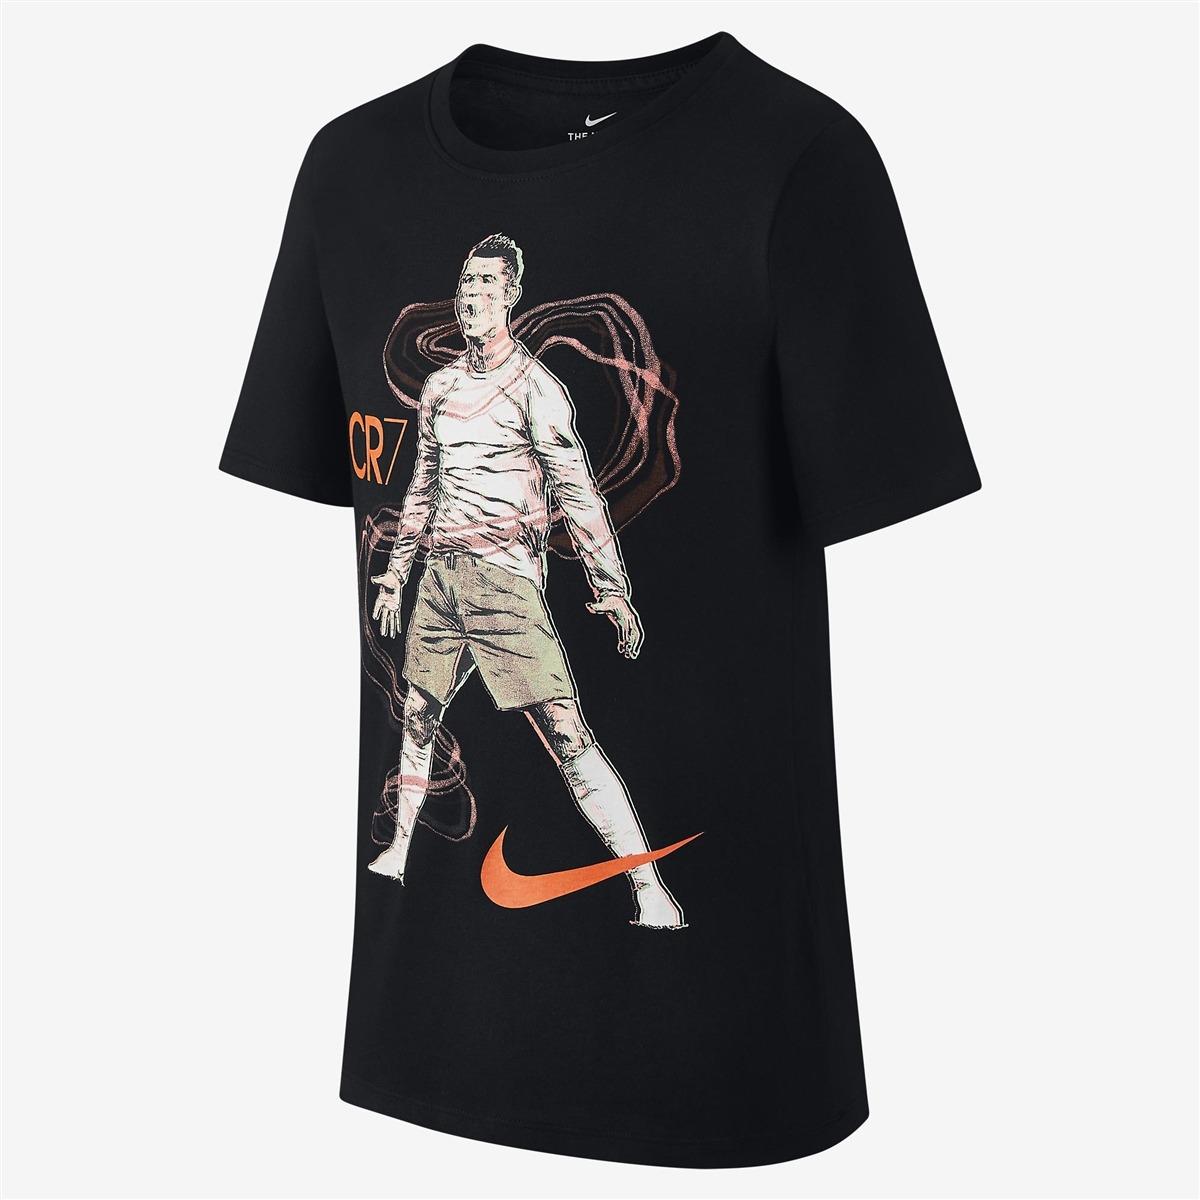 Arcaico sobrino Irónico  Camiseta Nike Manga Curta Cristiano Ronaldo Dry Tee Infantil - R ...